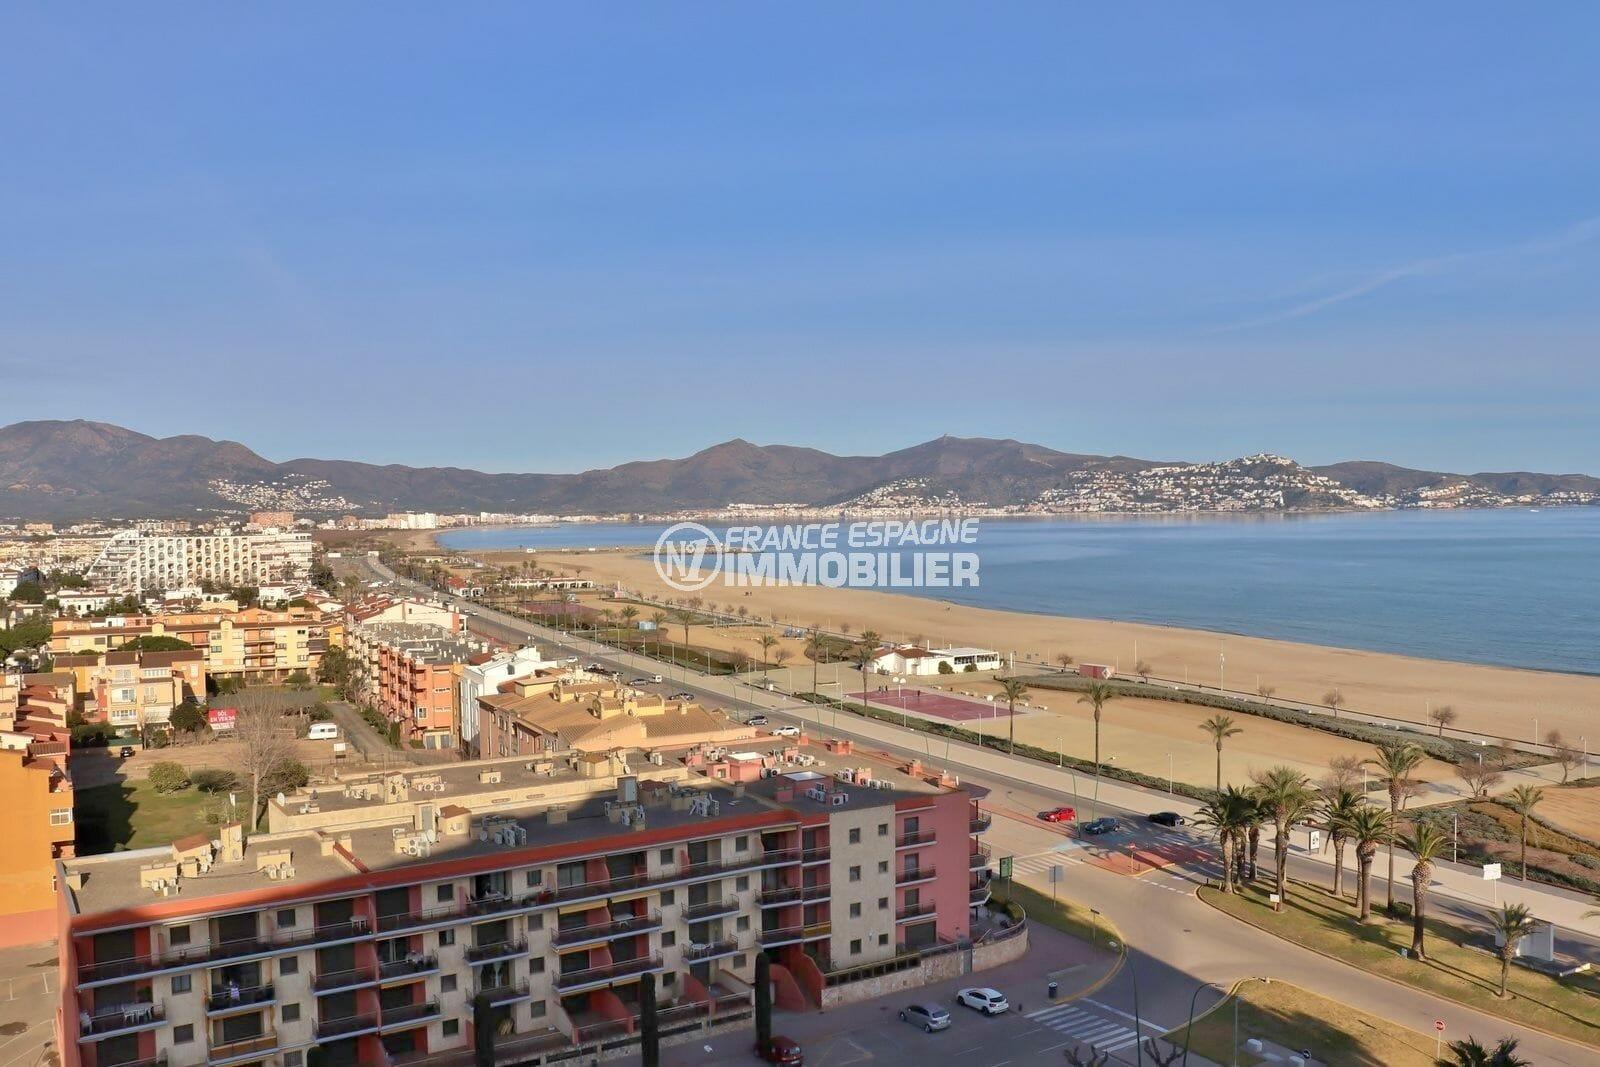 vente appartement empuriabrava, 26 m², terrasse vue mer, plage et commerces à 100 m